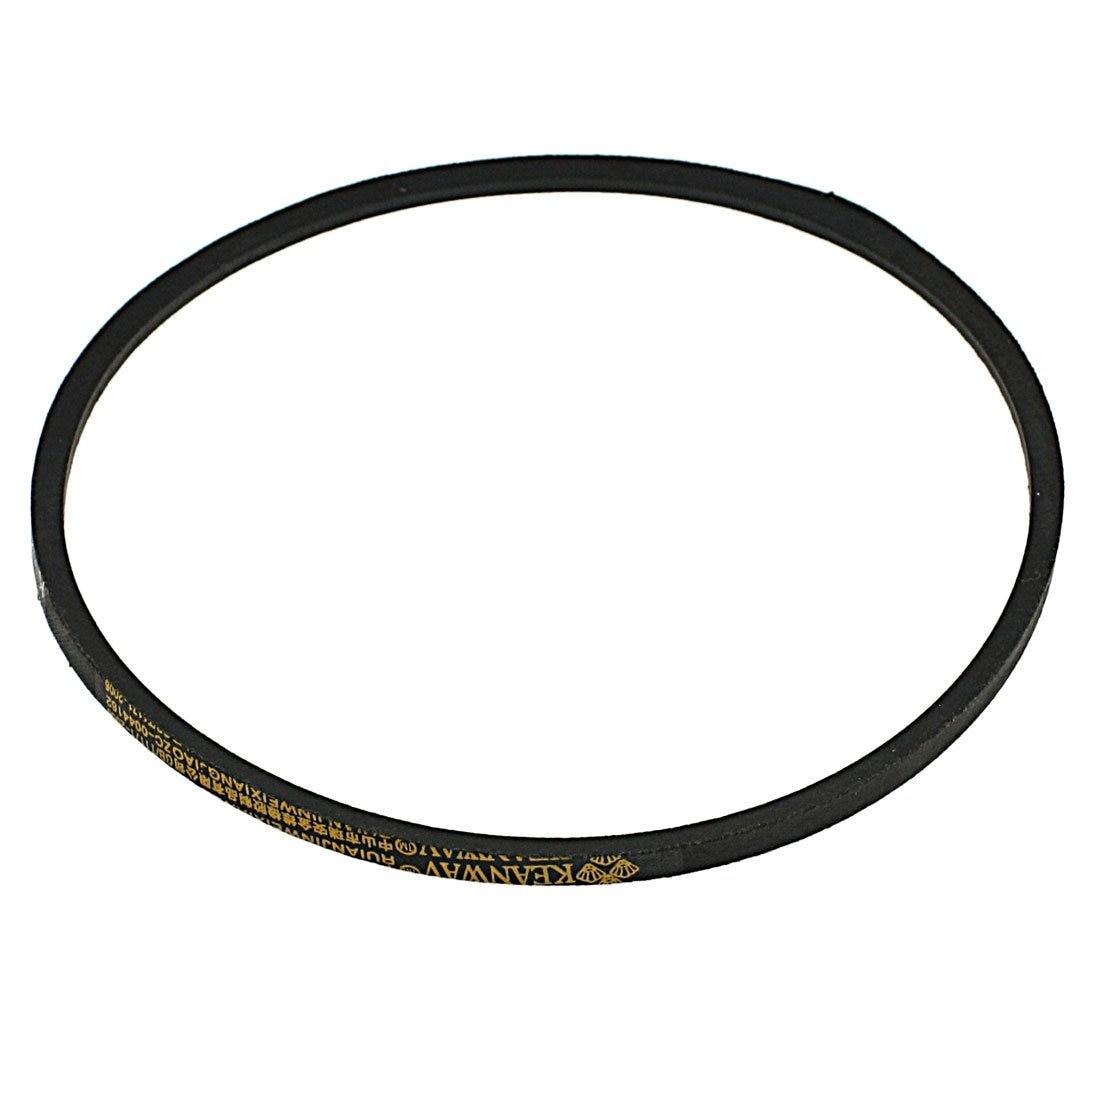 """DHDL-nouveau 5/16 """"x 26"""" industrie tondeuse à gazon en caoutchouc noir K Type Vee V ceinture K-26"""